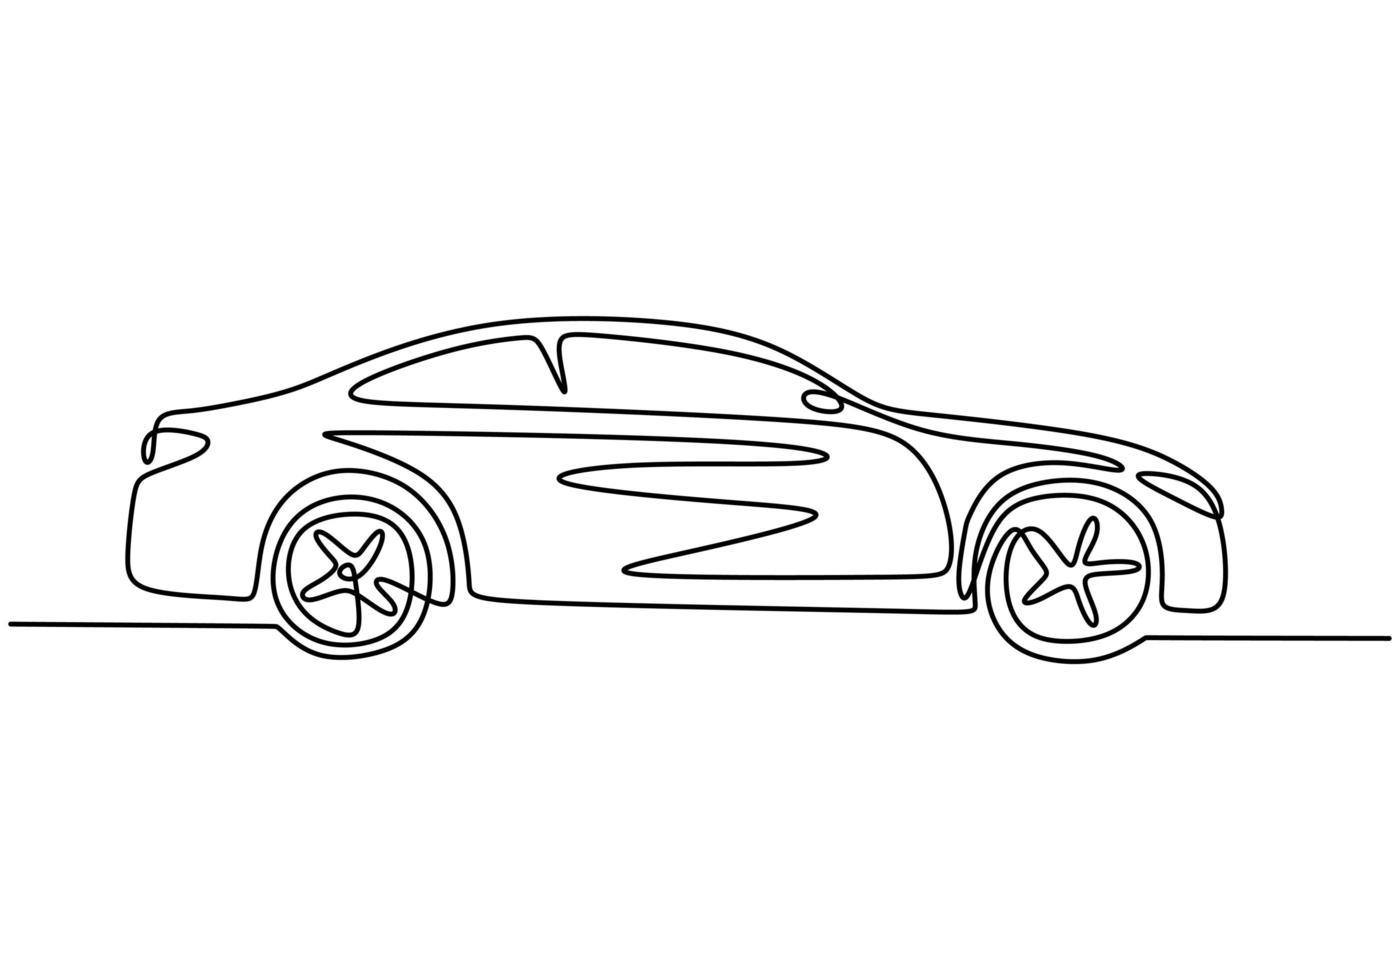 eine Strichzeichnung des Autos. Limousine Fahrzeug, Vektor-Illustration Minimalismus vektor